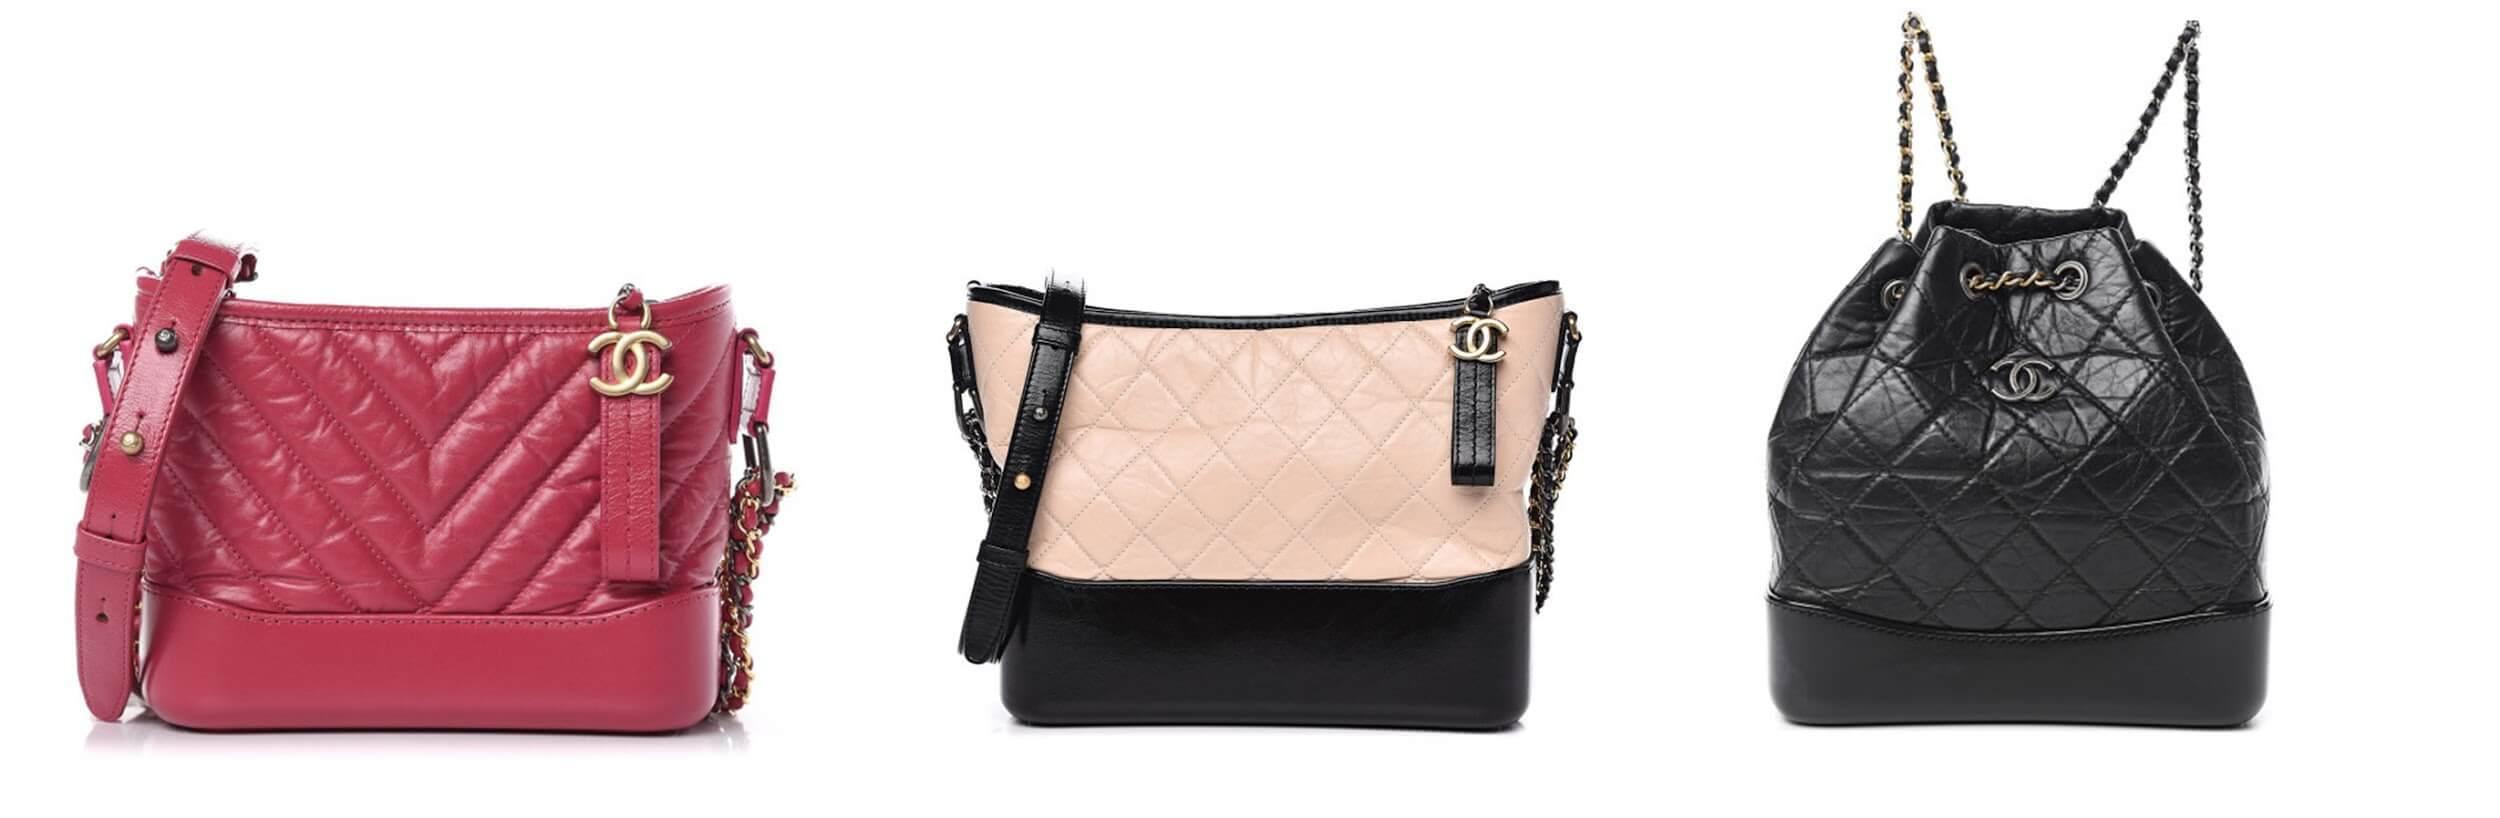 3 Chanel Hobo Bags